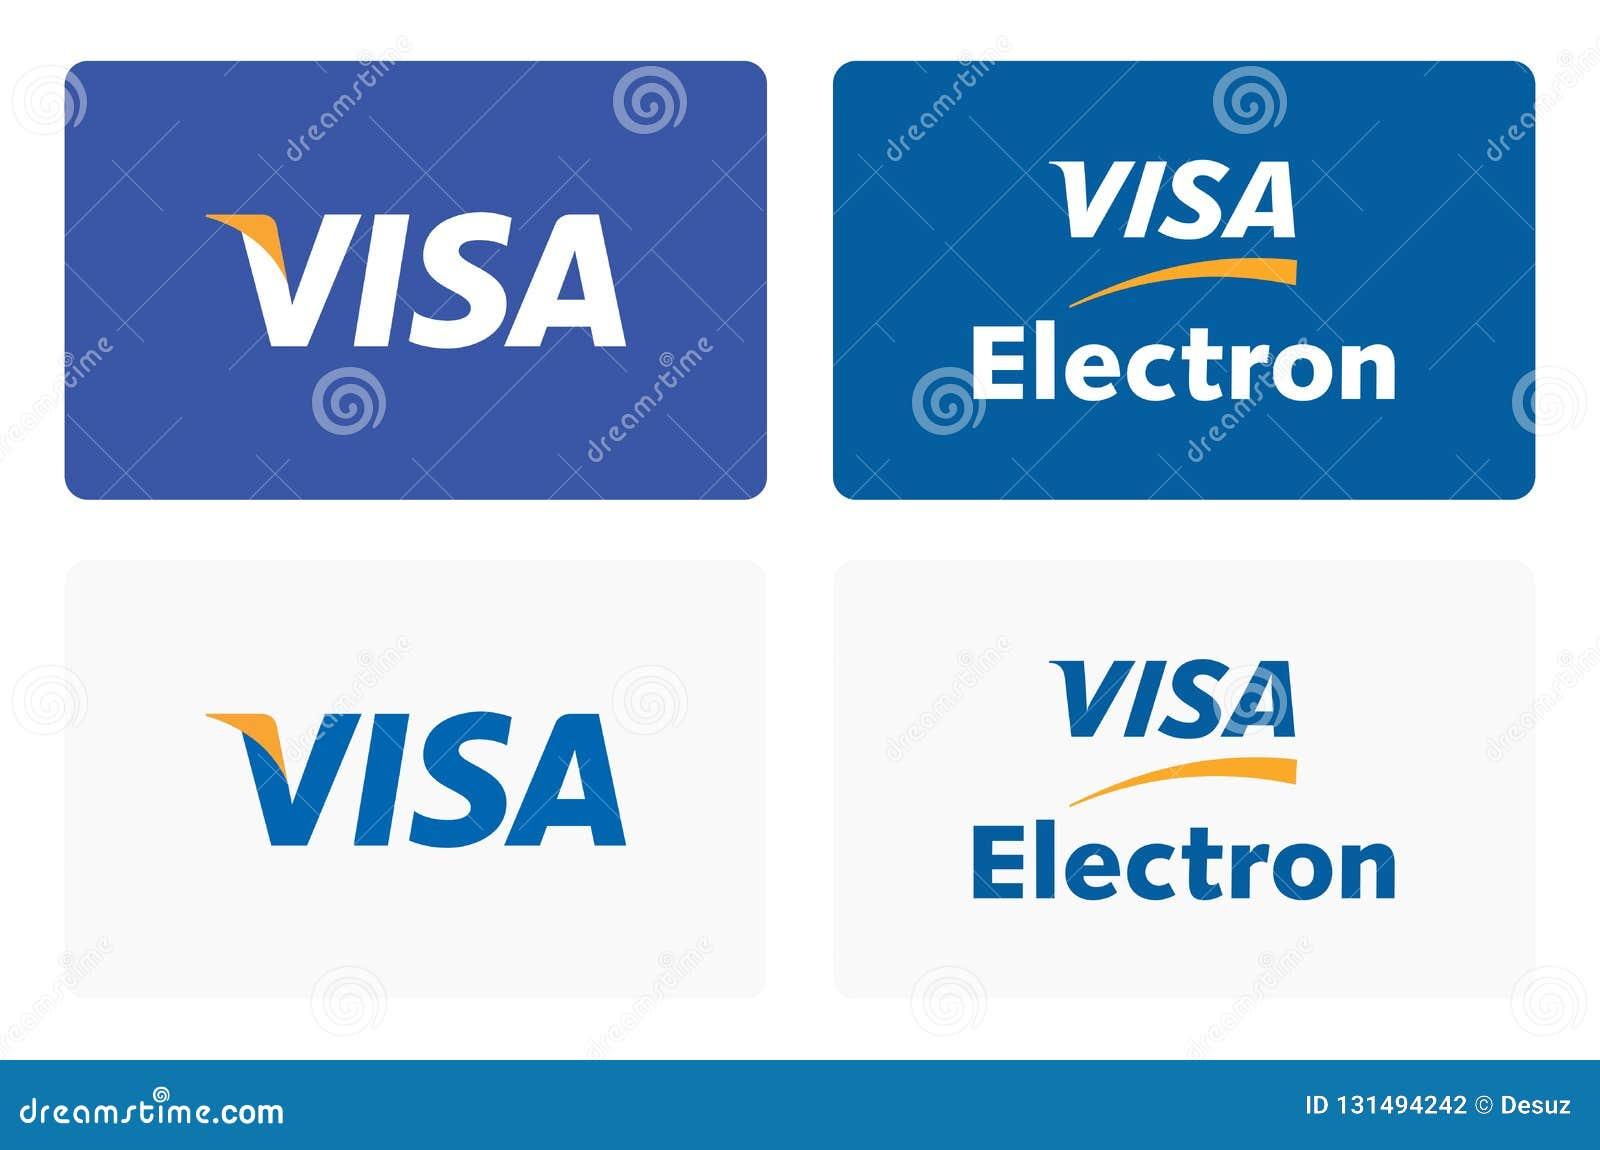 взять срочный займ на карту виза электрон